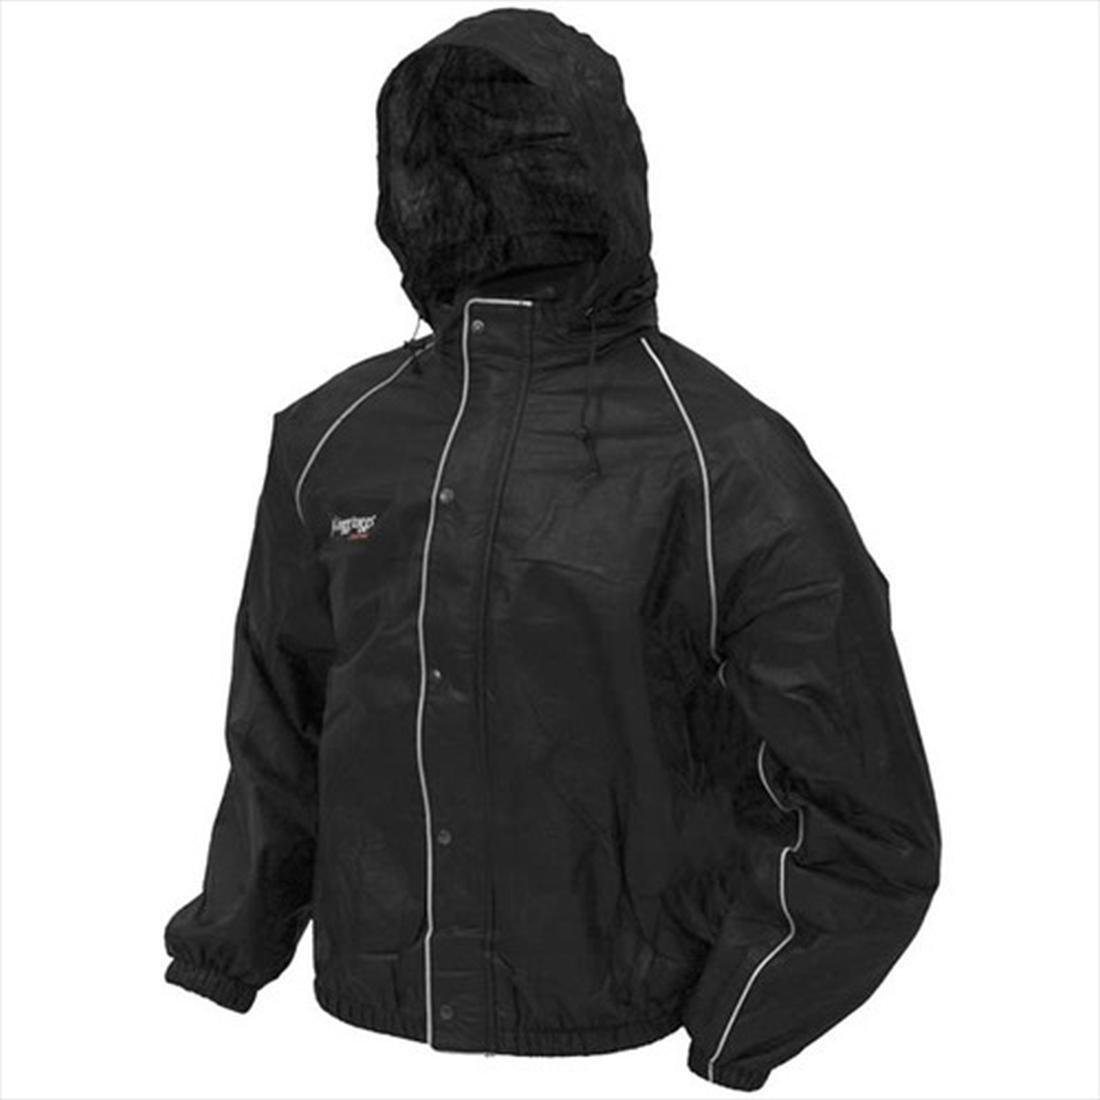 BILT Frogg Toggs Rain Jacket - XL, Black